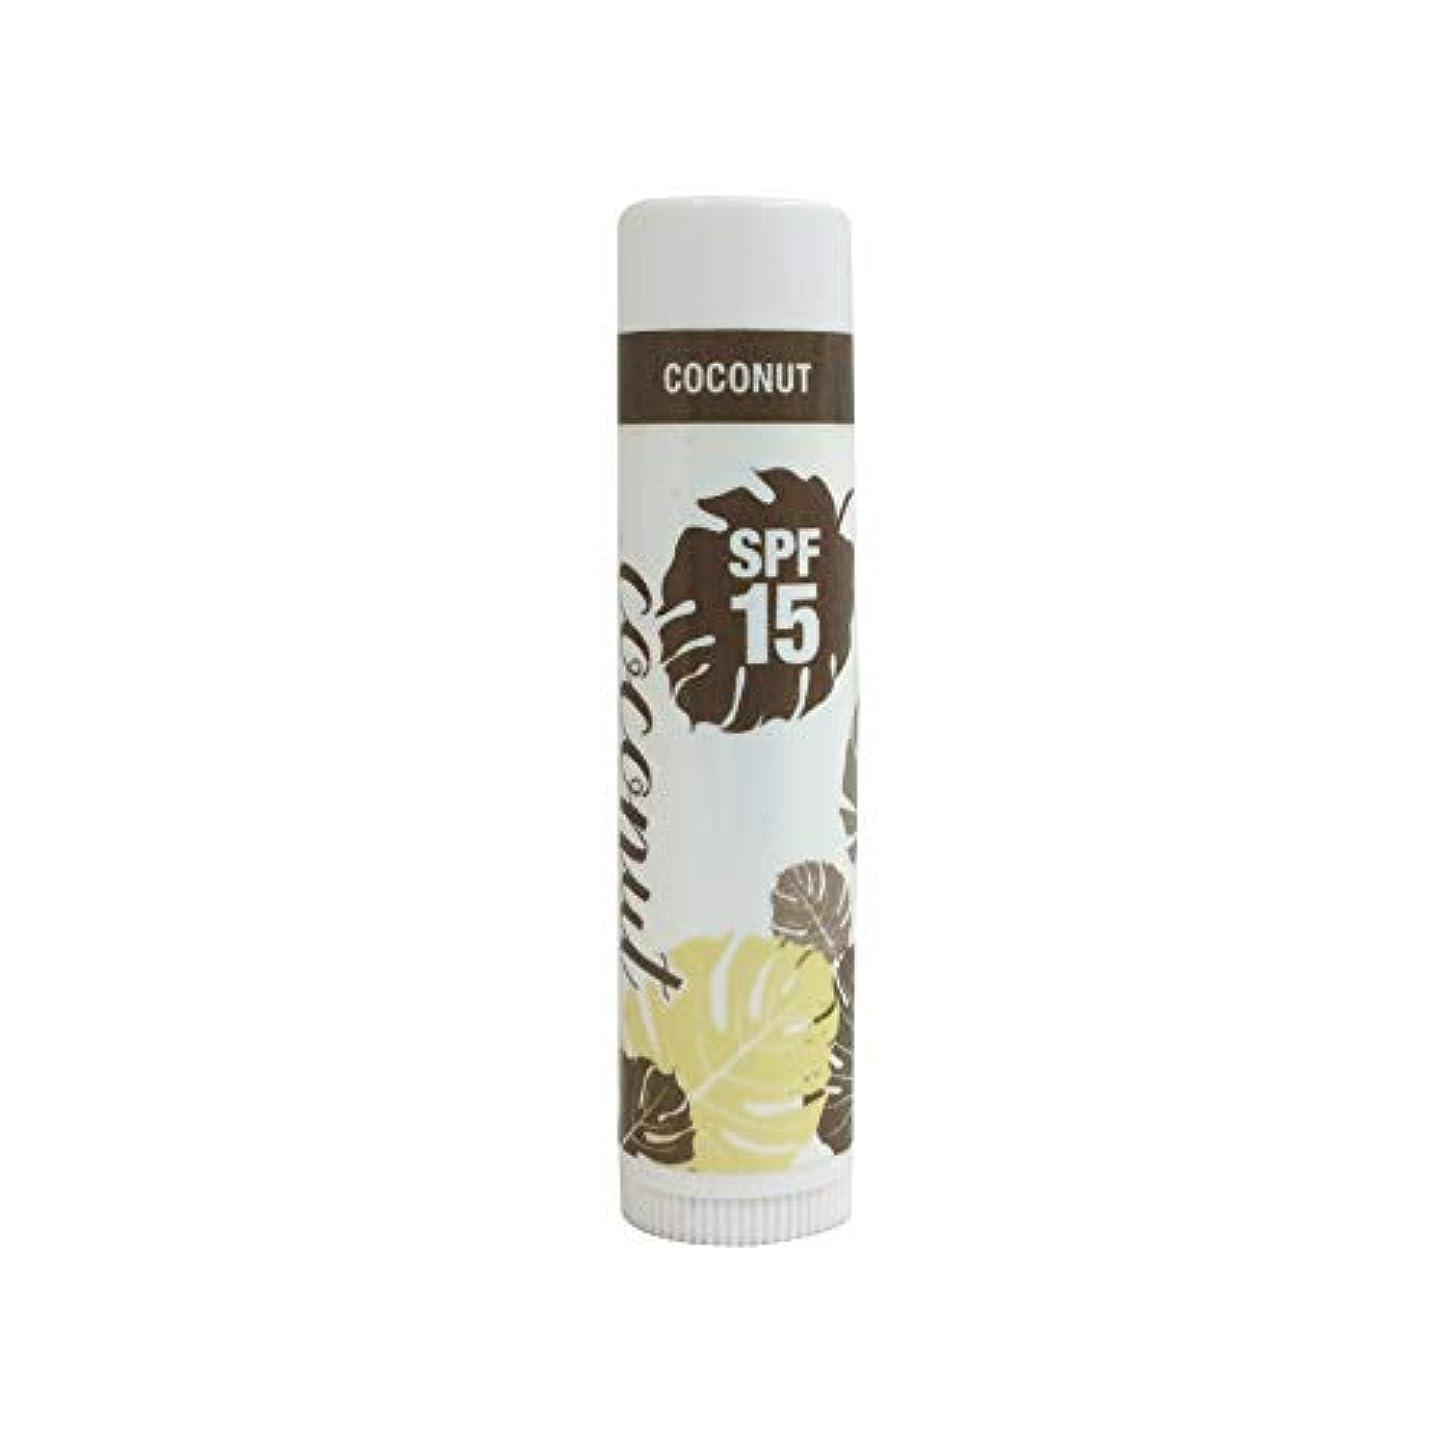 ホース不忠アリーナリップバーム SPF15 4.8g ココナッツ